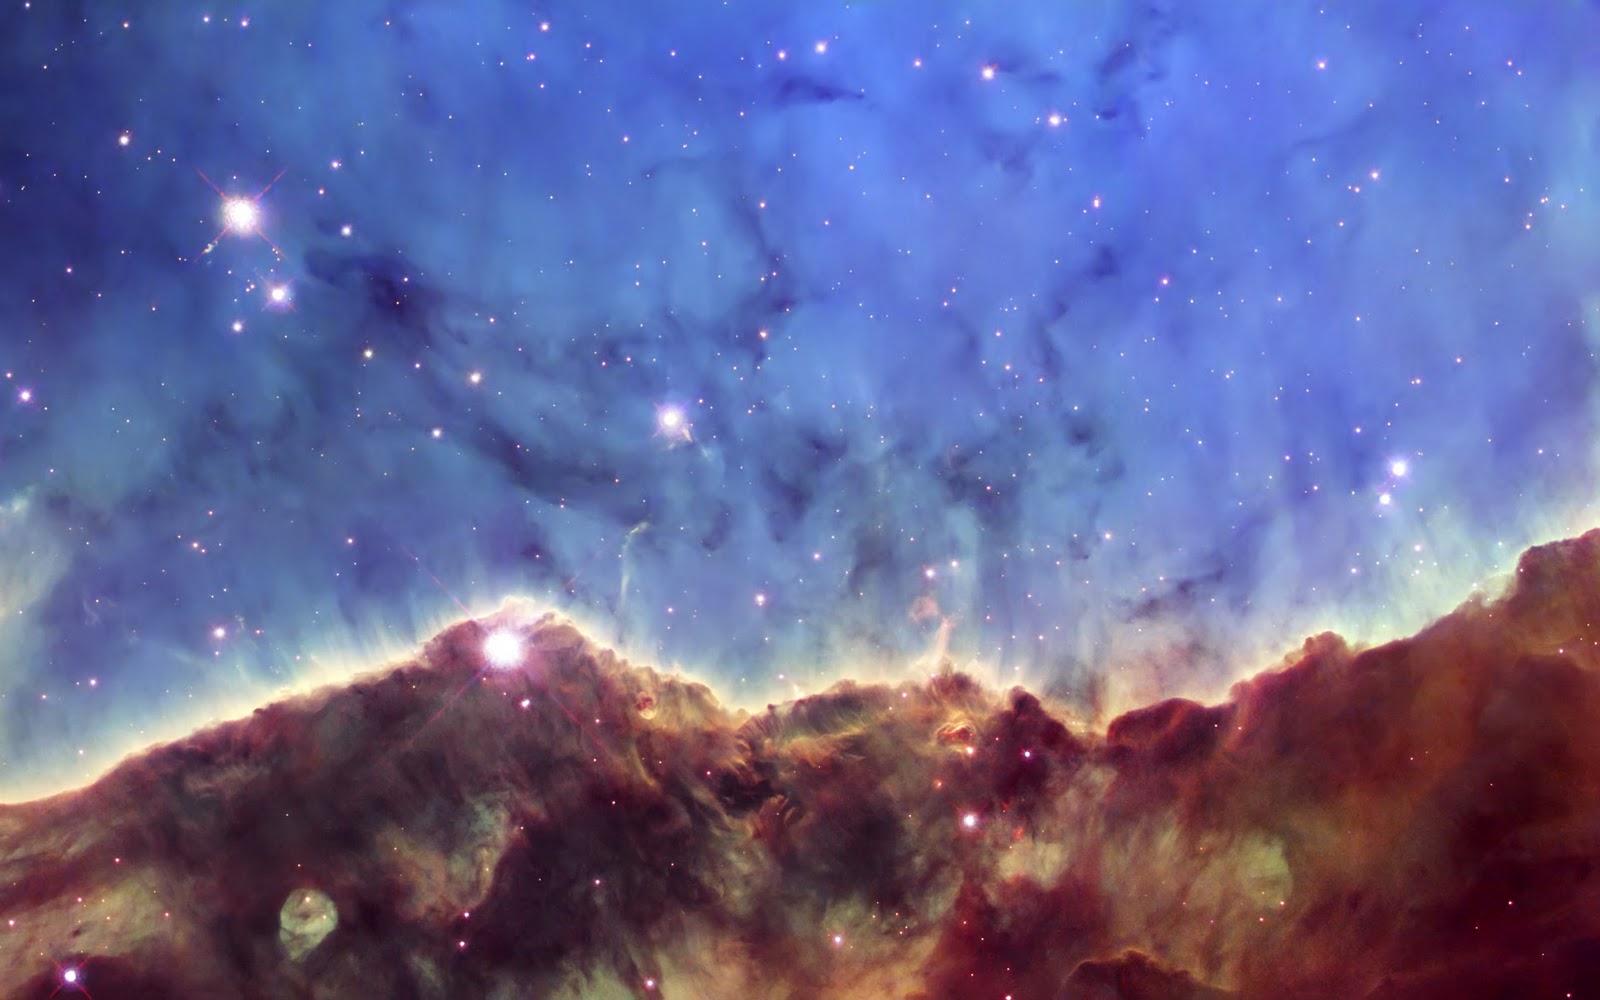 Wallpapers hubble telescope photoshubble telescope pictureshubble 1600x1000